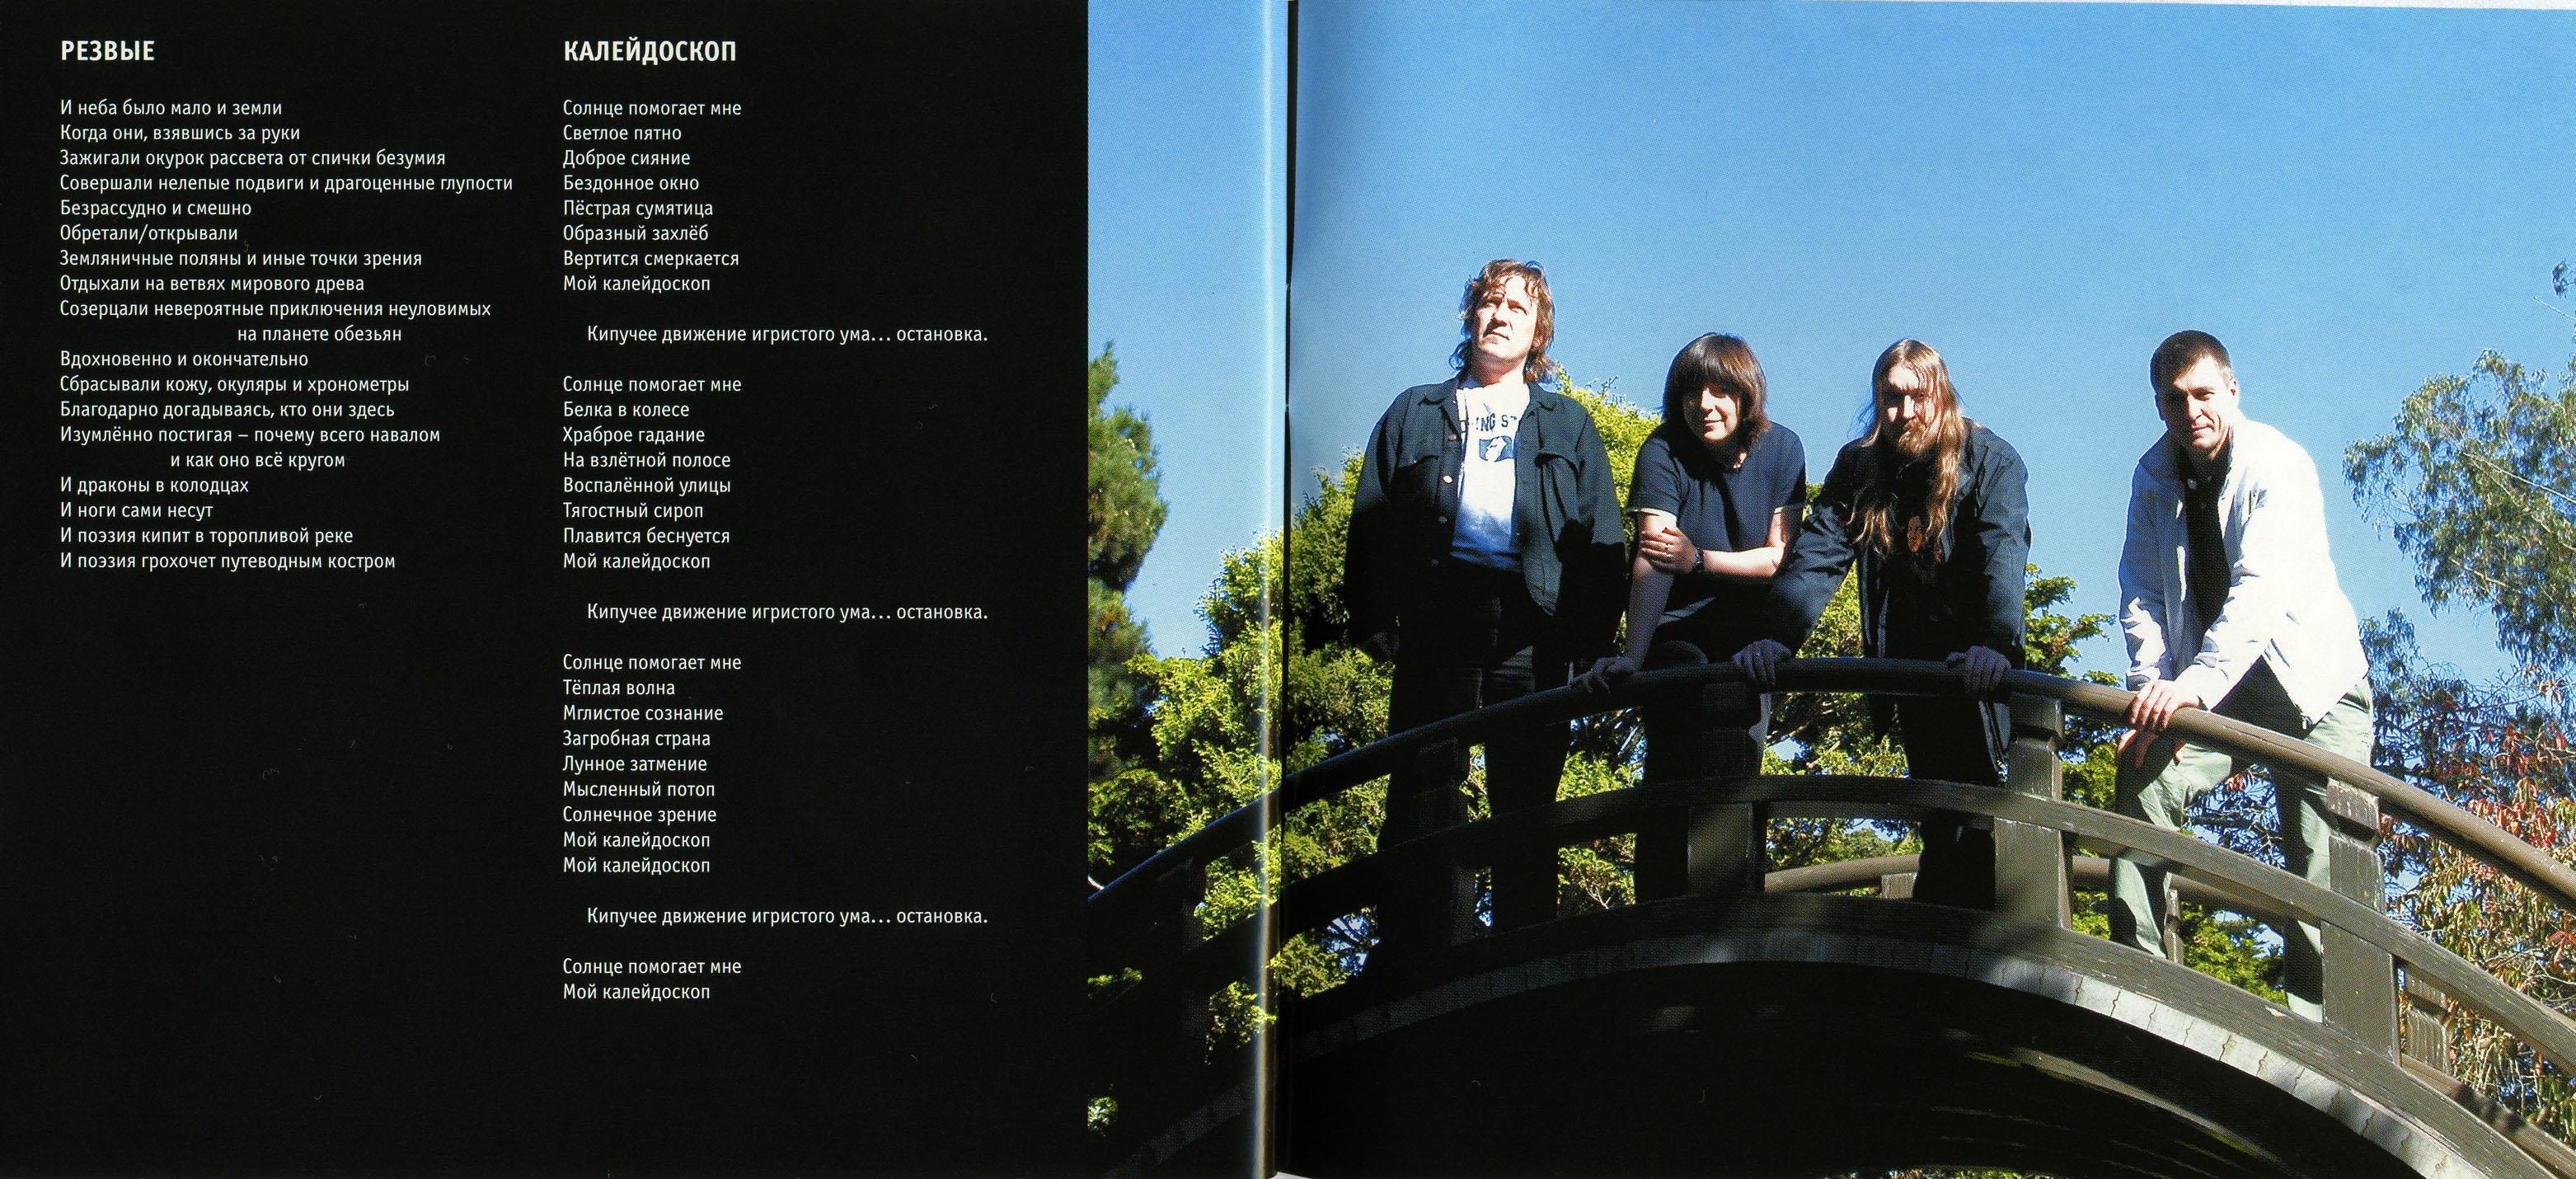 Гражданская оборона | music fanart | fanart. Tv.